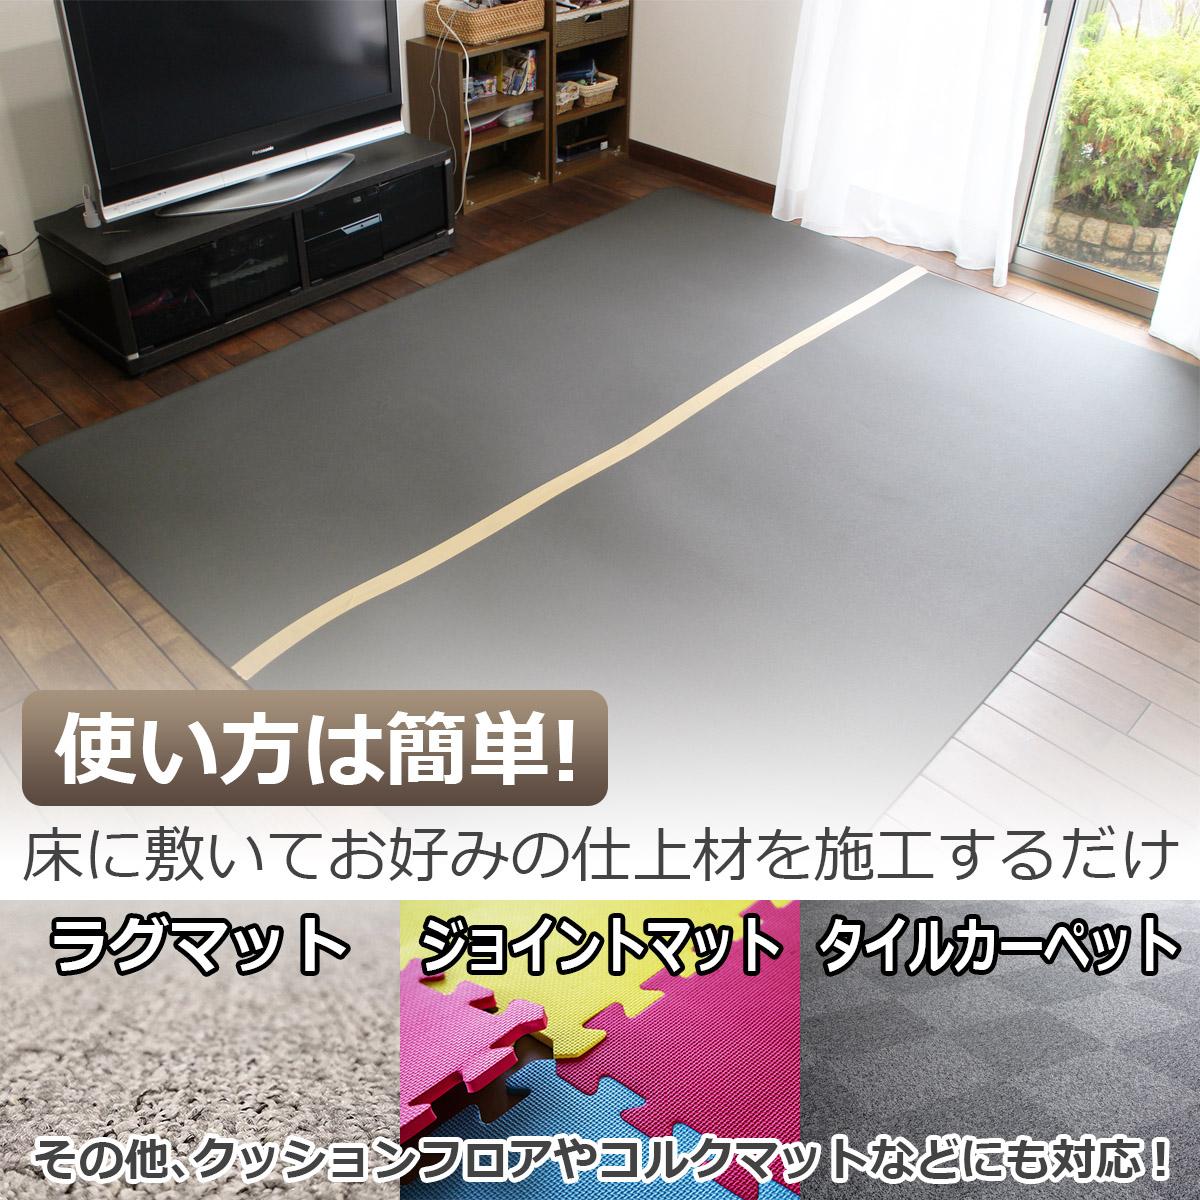 使い方は簡単!床に敷いてお好みの仕上げ材を施工するだけ